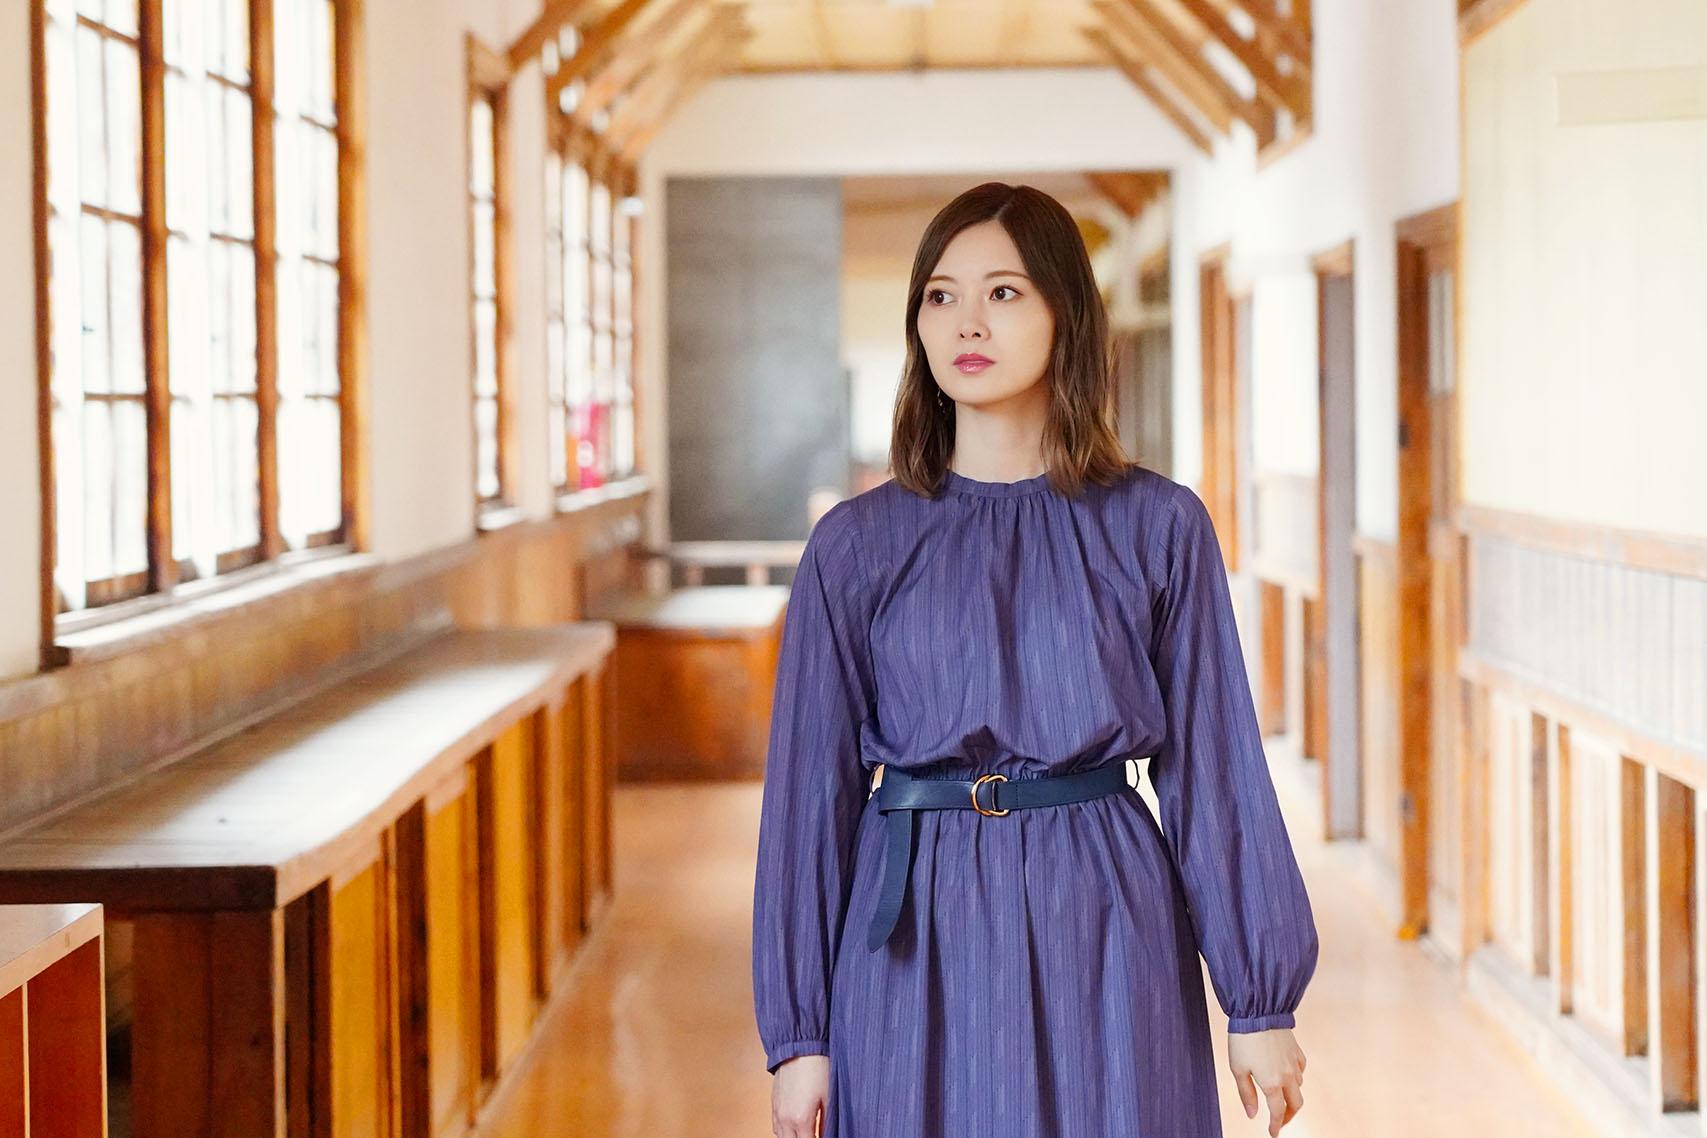 """白石麻衣、乃木坂46卒業を控えた""""独白ドキュメンタリー""""をHuluで配信"""